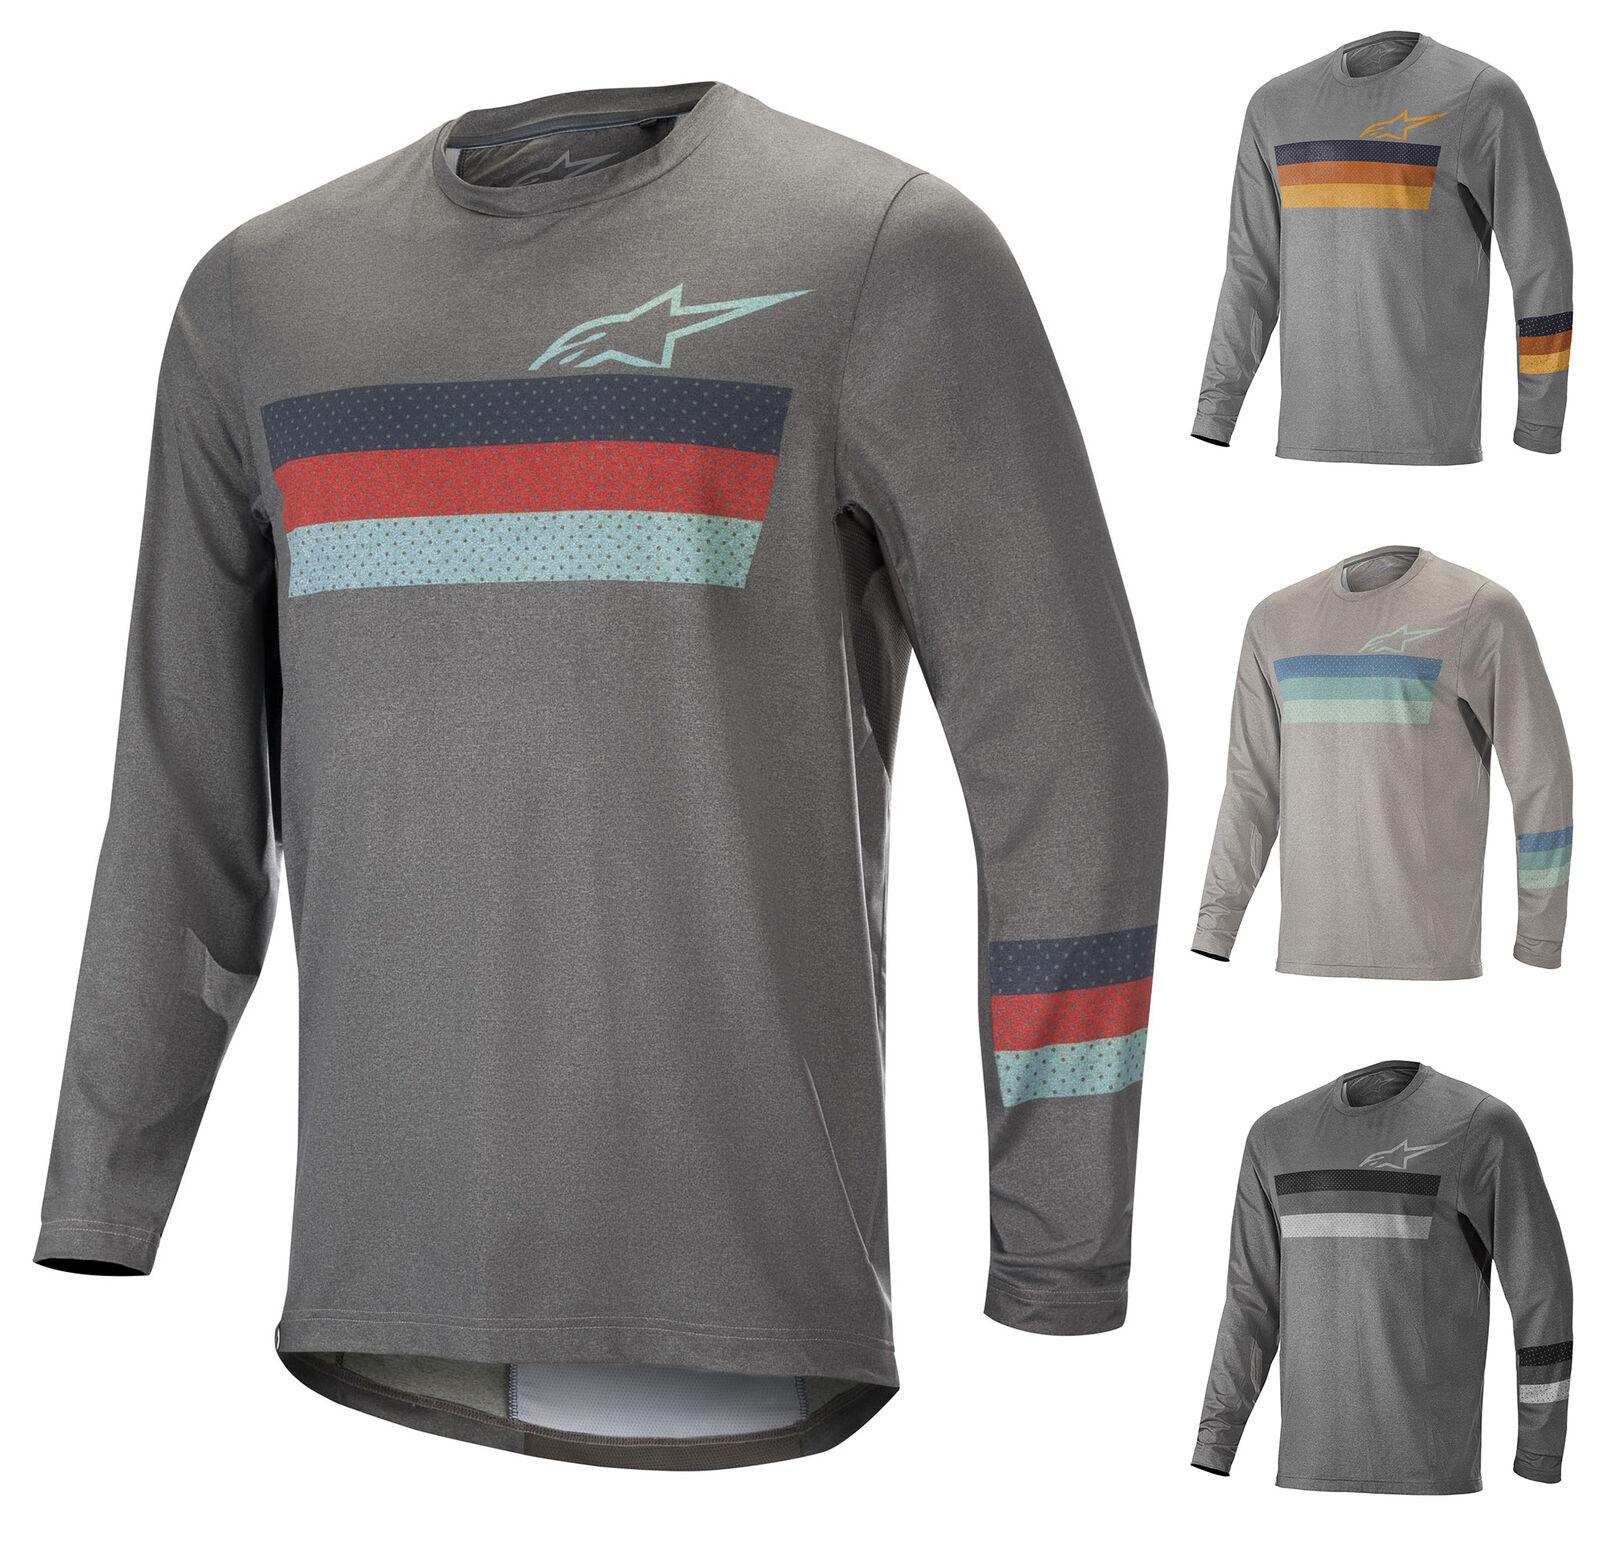 1763819 Alpinestars ALPS 6.0 LS JERSEY Mens T-Shirt MTB Mountain Biking Trail